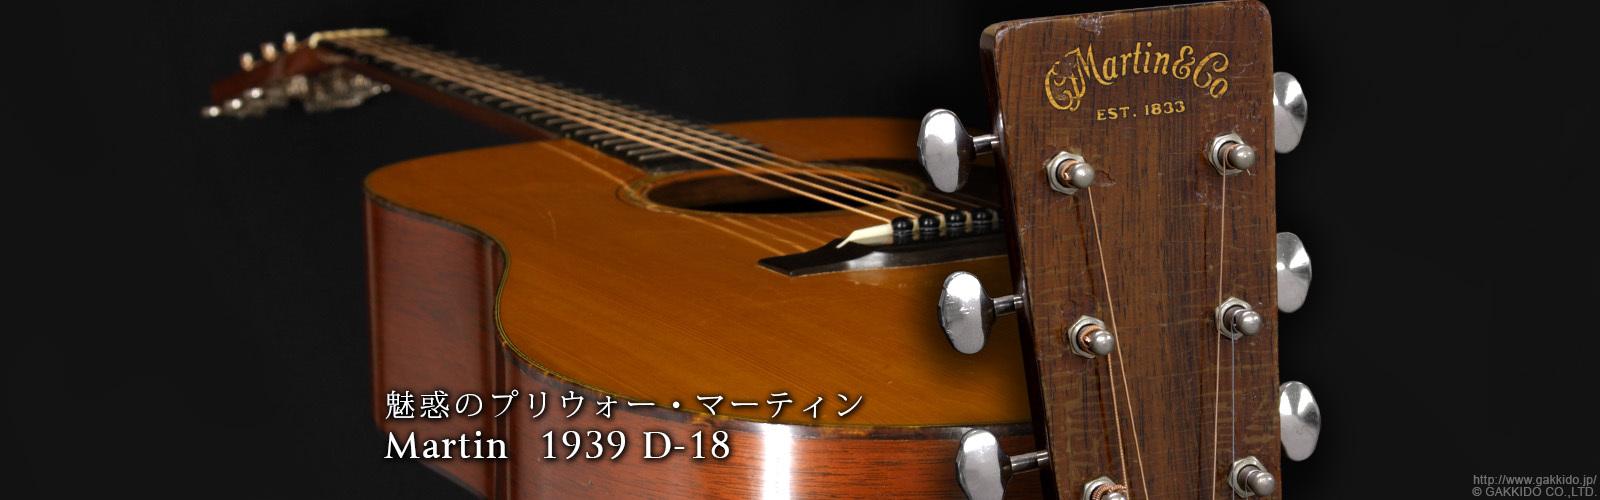 Martin 1939 D-18 [ヴィンテージ品]